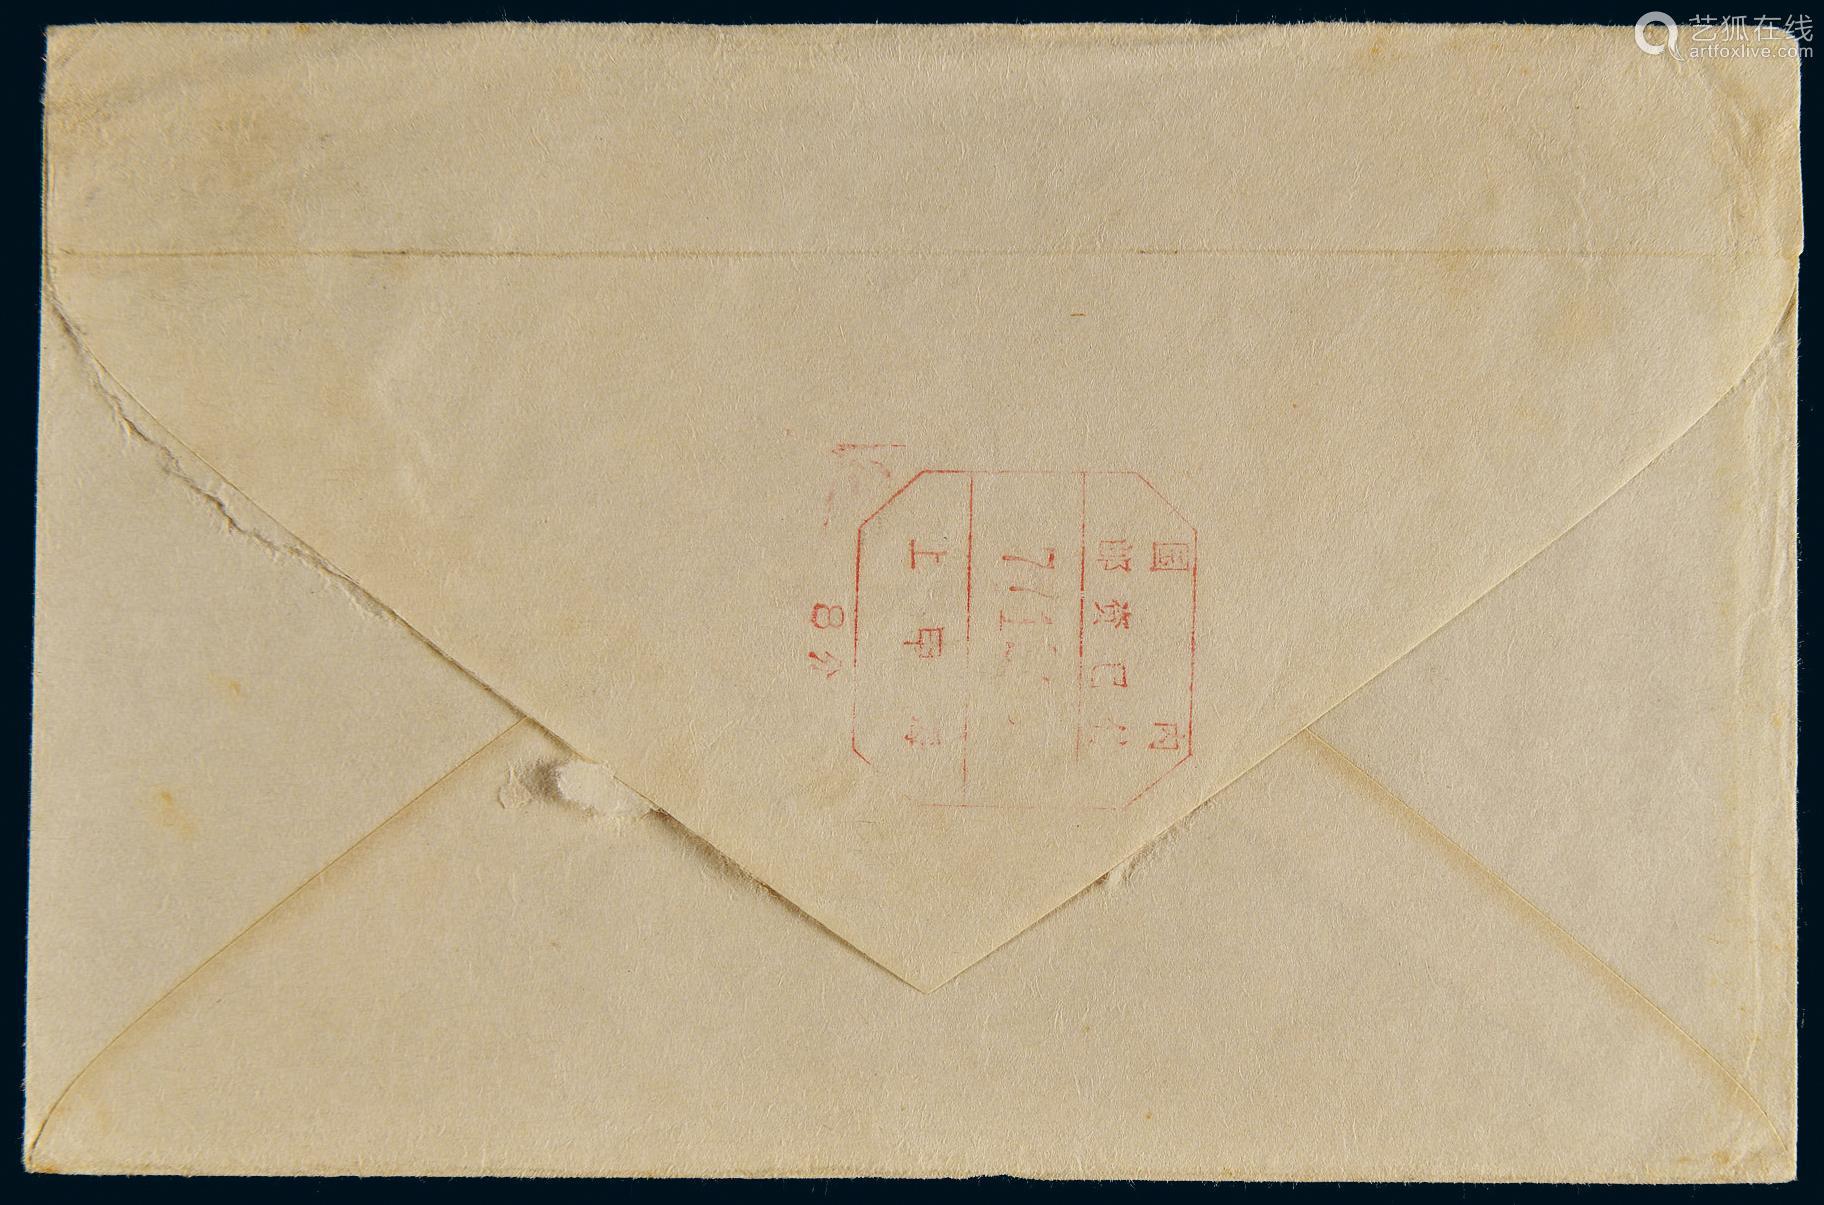 1977年上海寄安徽徽州邮资已付封